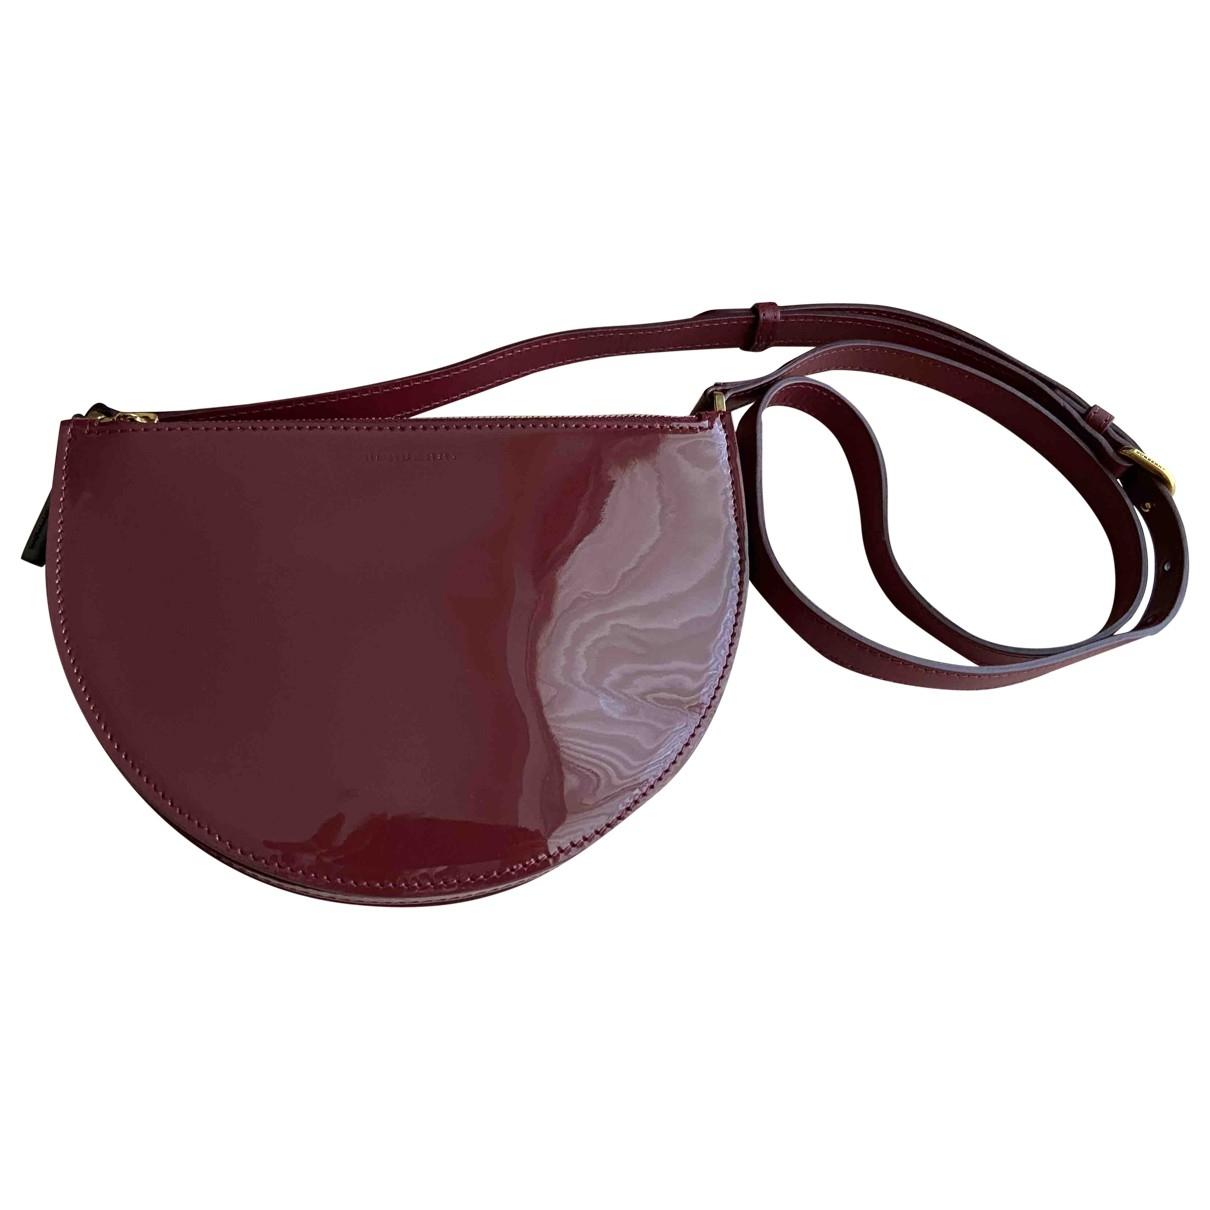 Burberry \N Handtasche in  Bordeauxrot Lackleder